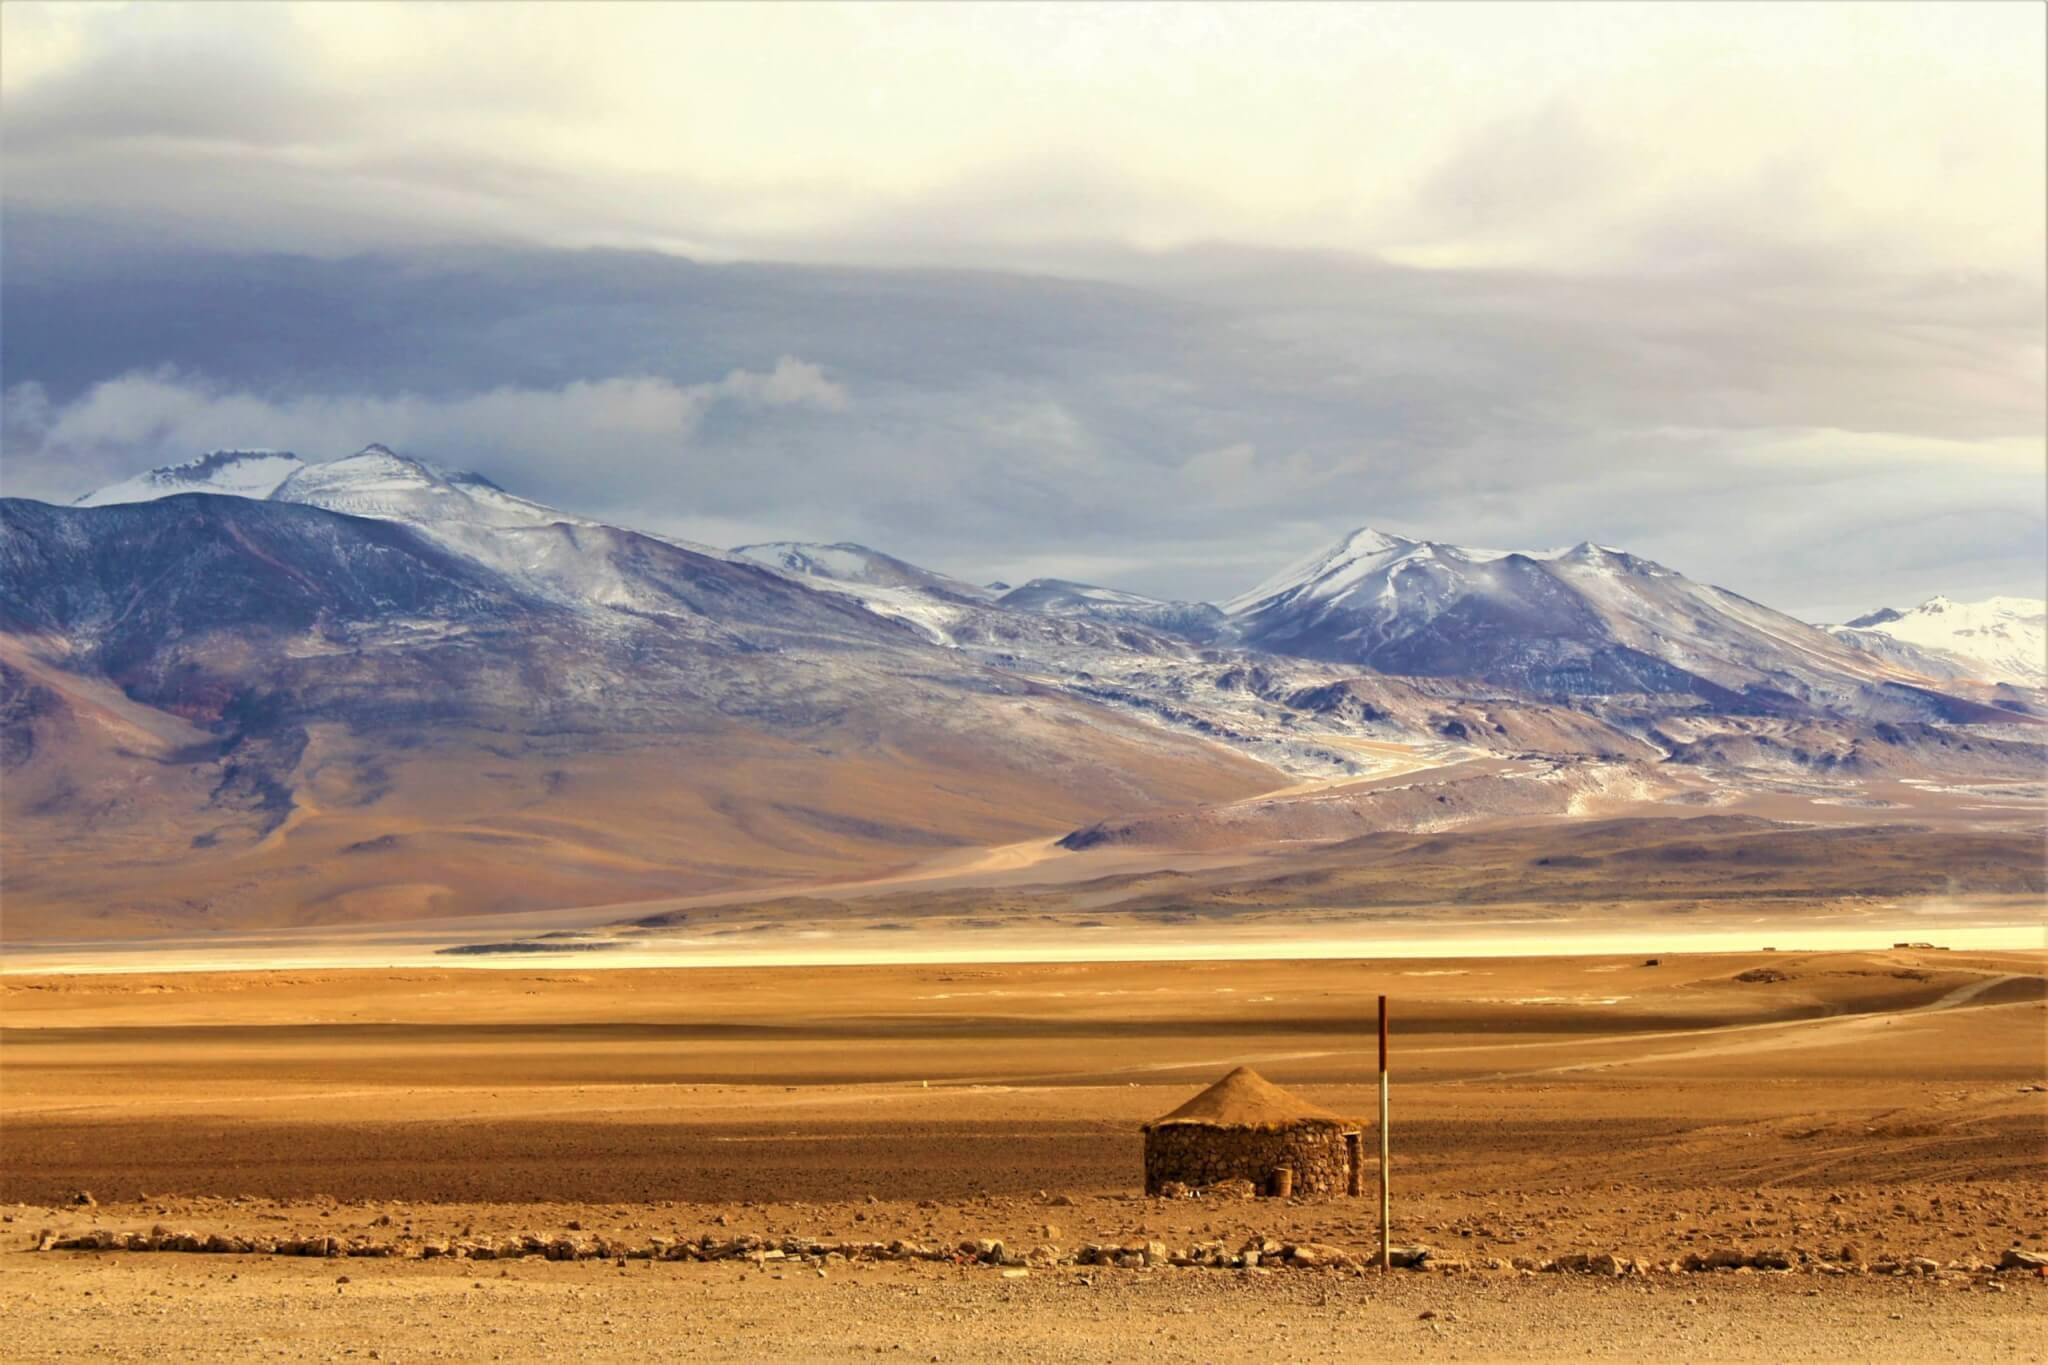 Bolivien-reiseprogramme-rundreise-individuell-mit reiseleiter-aktivreise-suedamerika-reisespezialist-geplant-bolivien-grenze